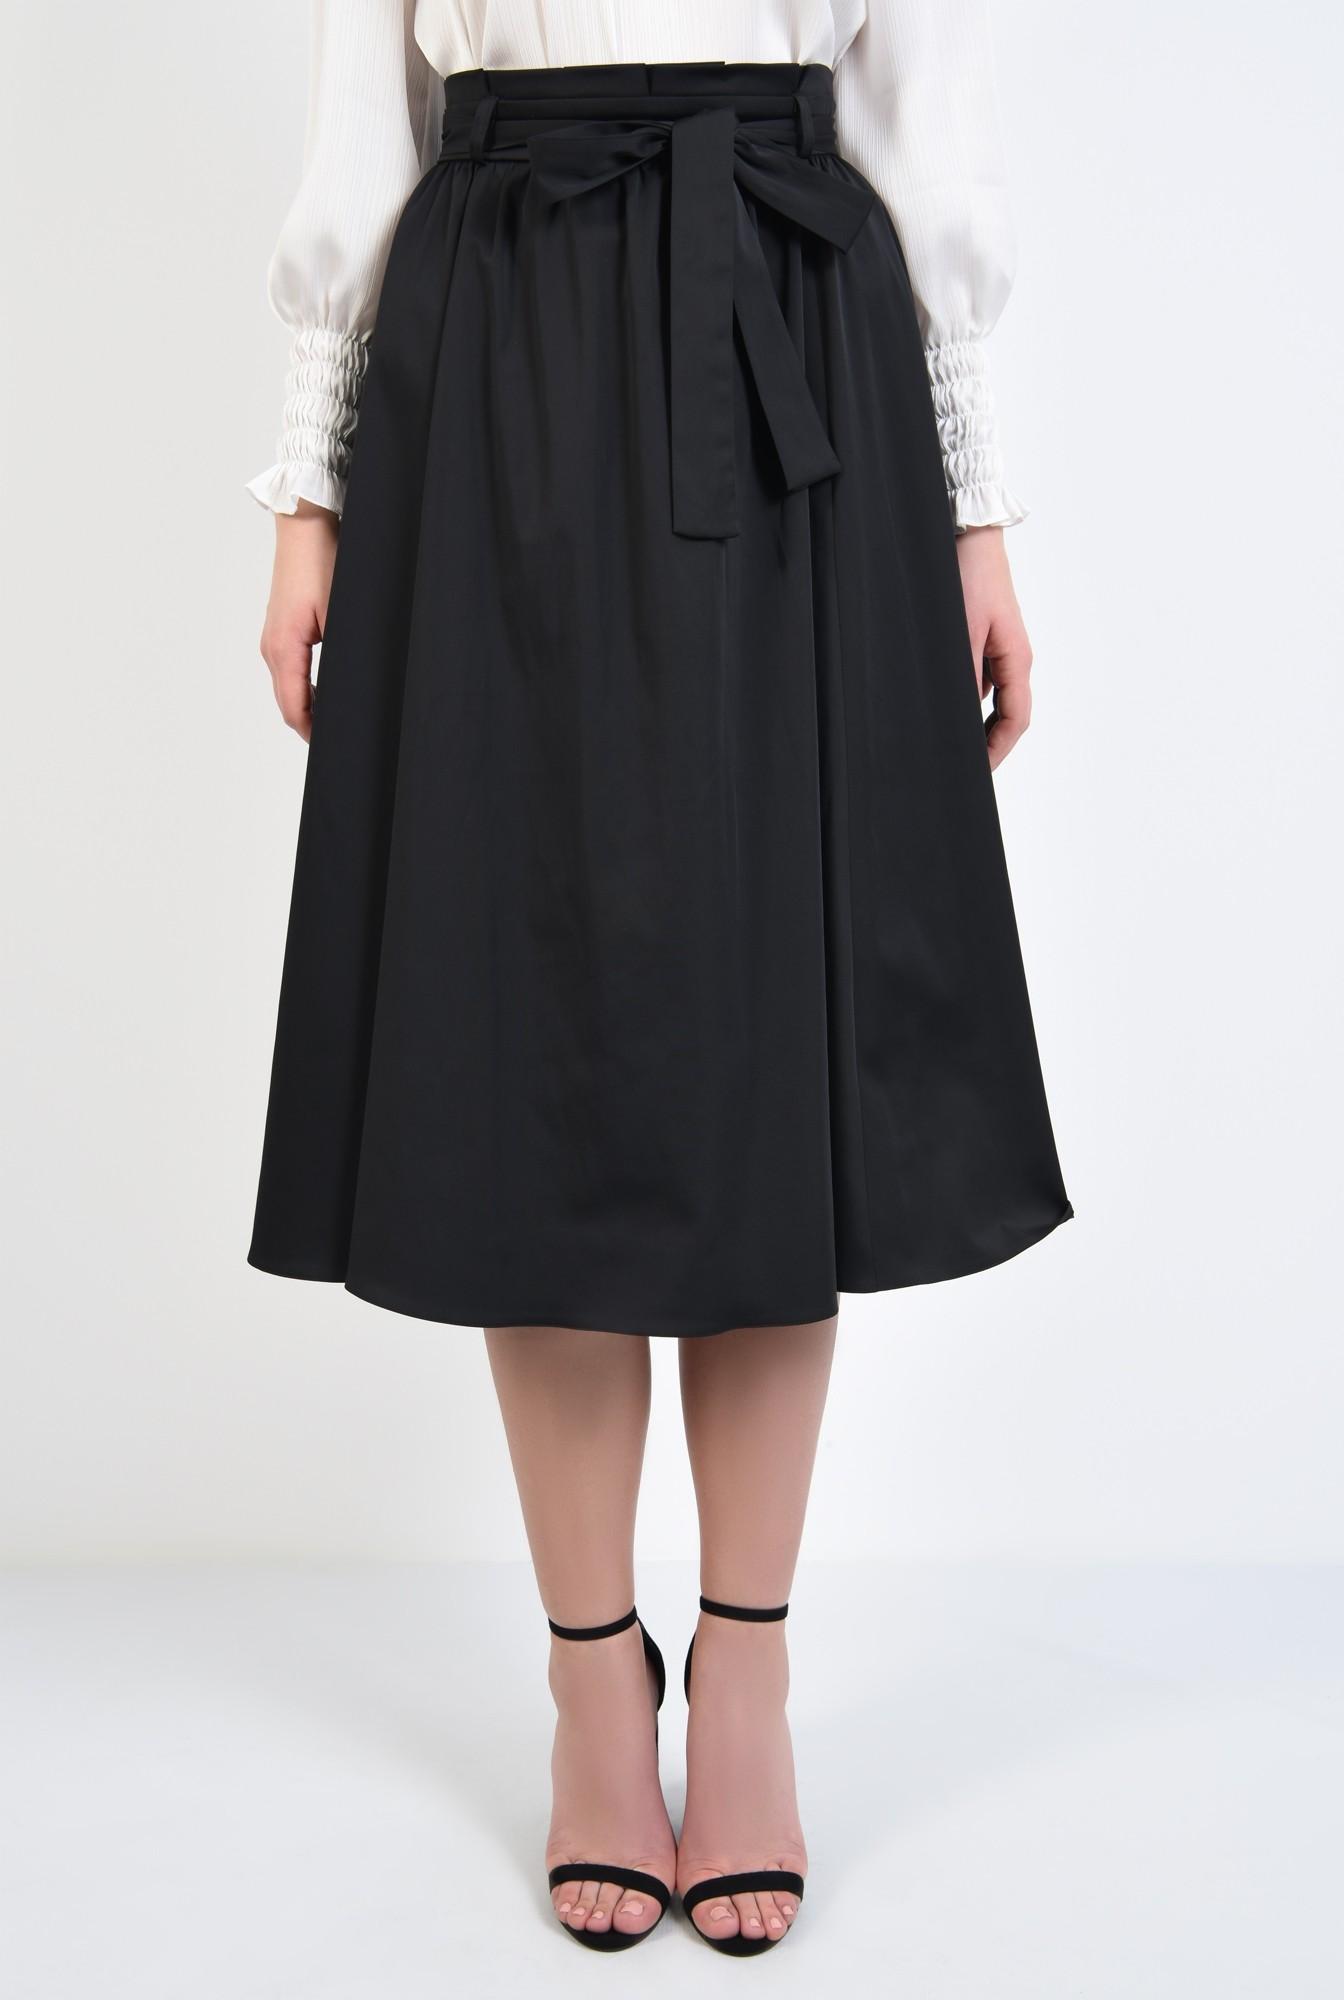 2 - 360 - fusta neagra eleganta, croi evazat, falduri, betelie plisata cu cordon